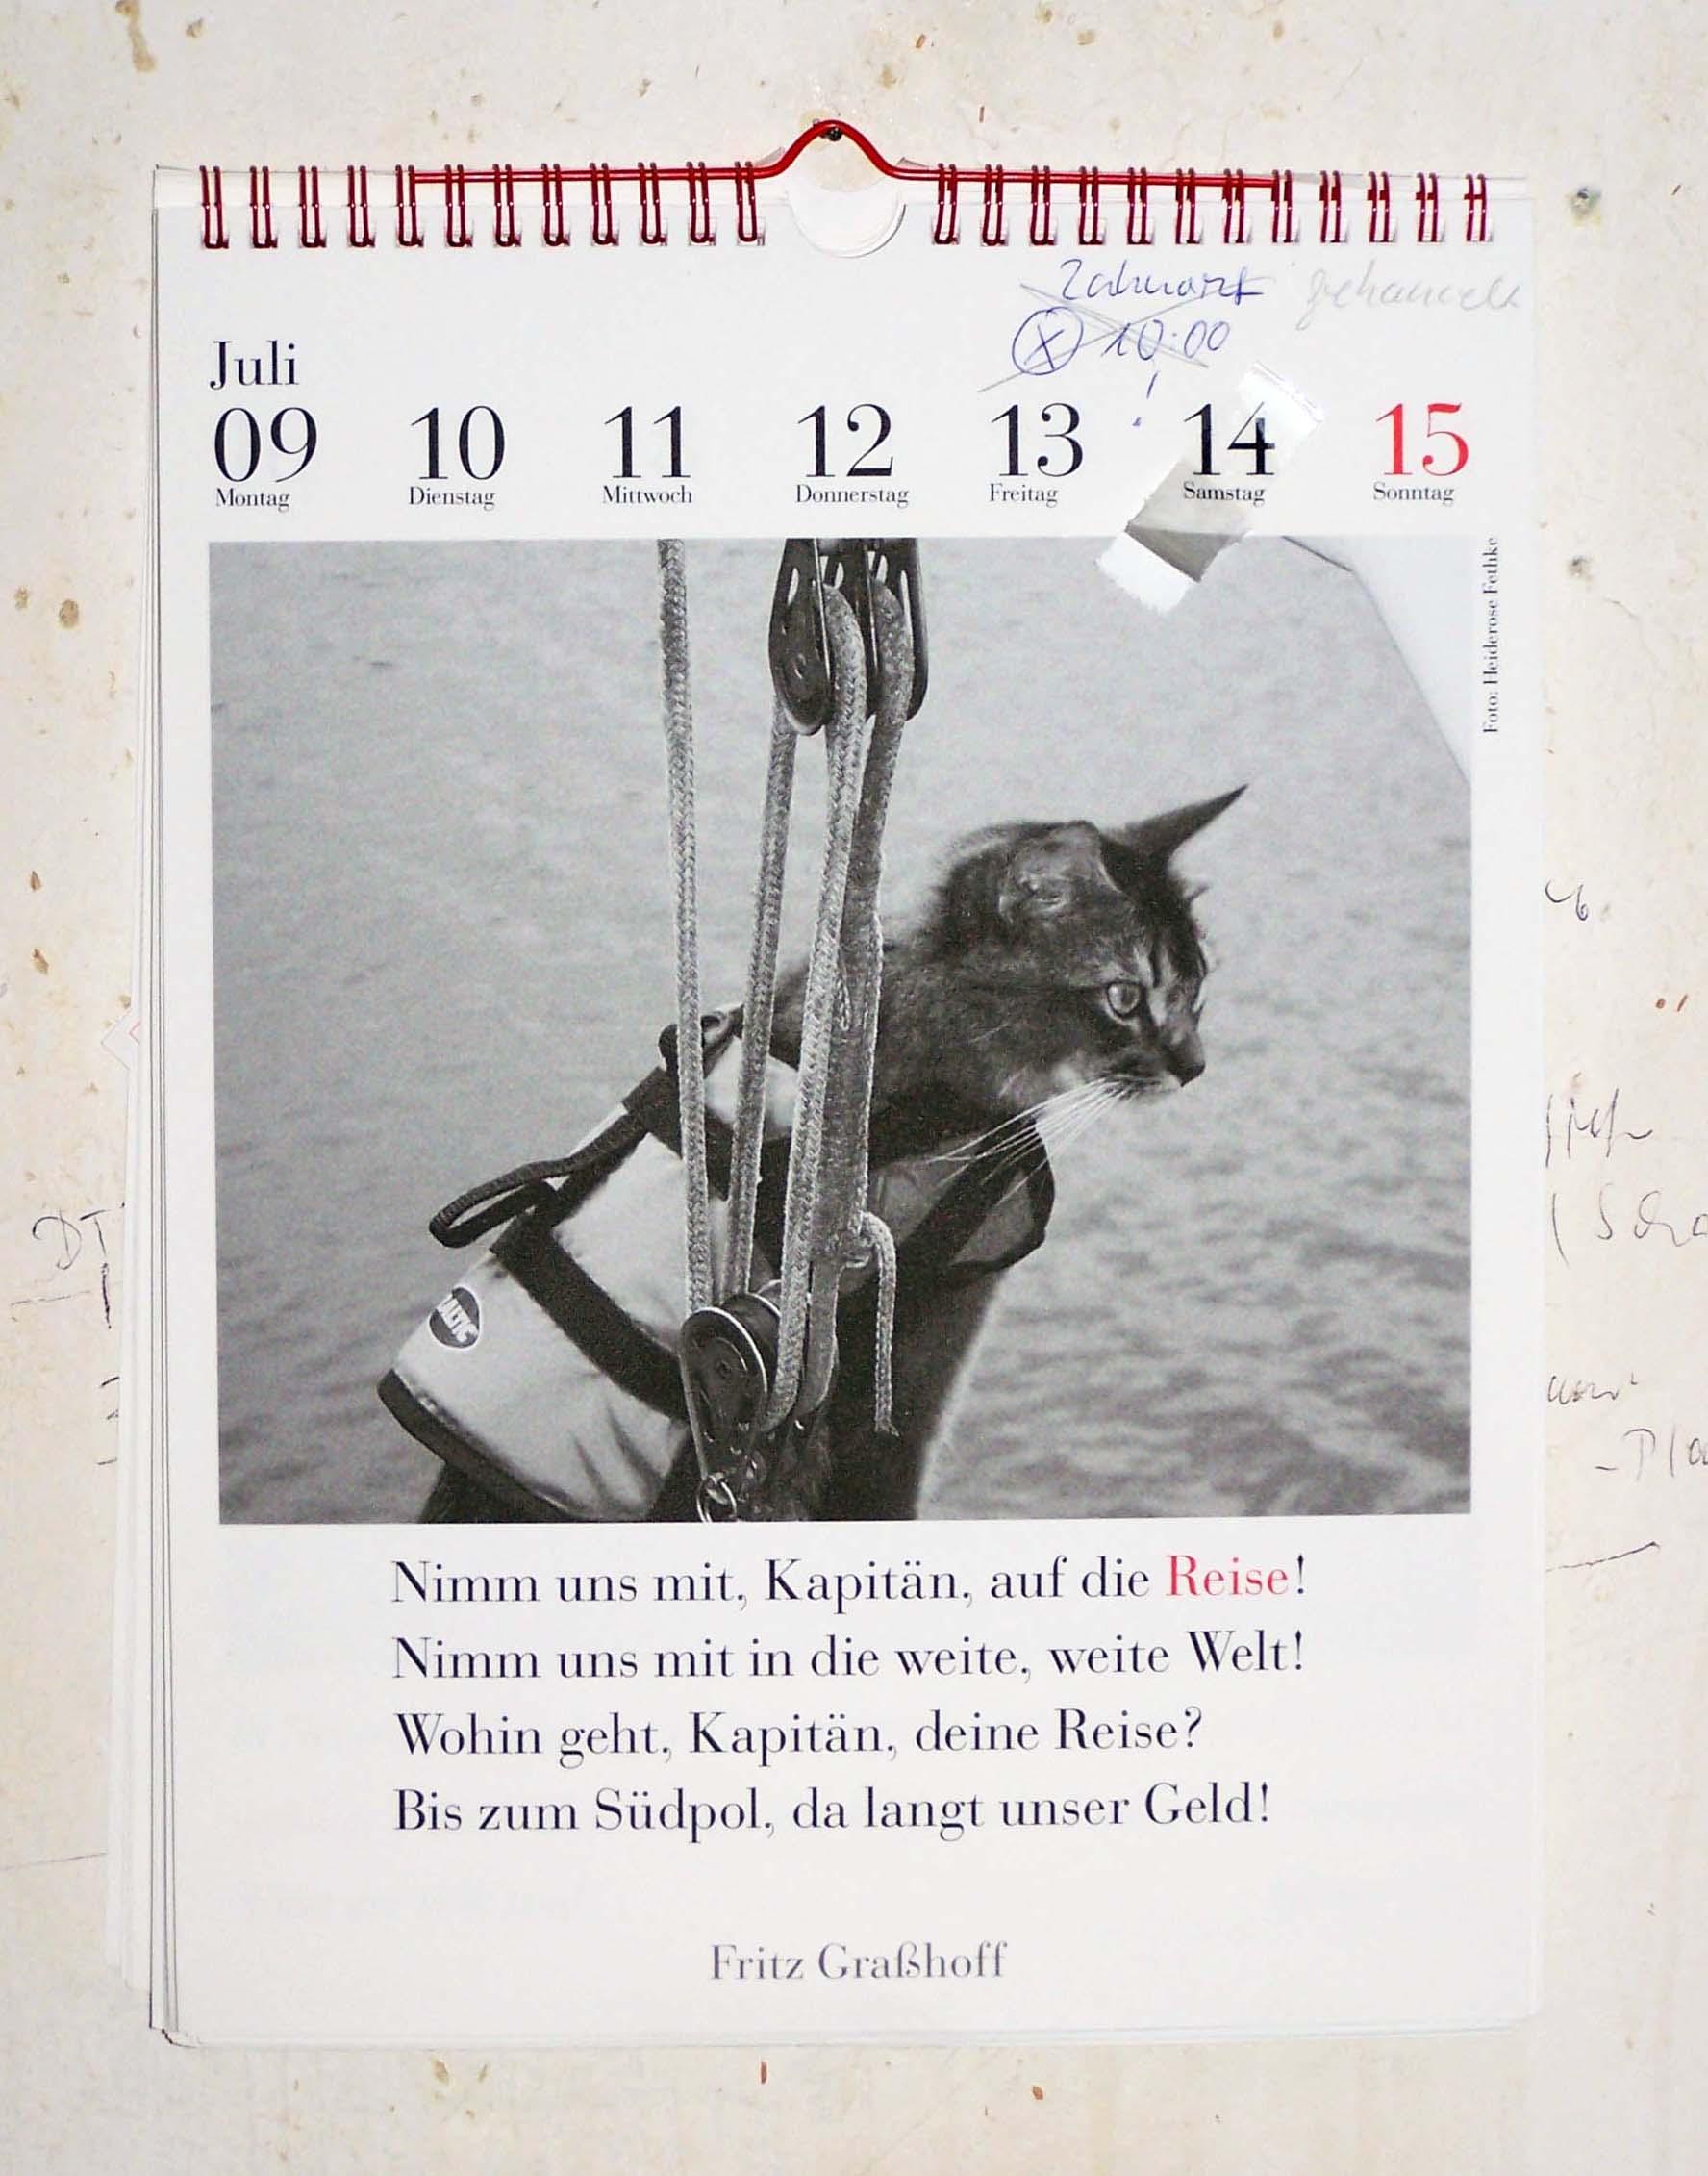 Fritz Graßhoff, Nimm mich mit, Kapitän, auf die Reise, Der literarische Katzenkalender 2012, 9. bis 15. Juli 2012